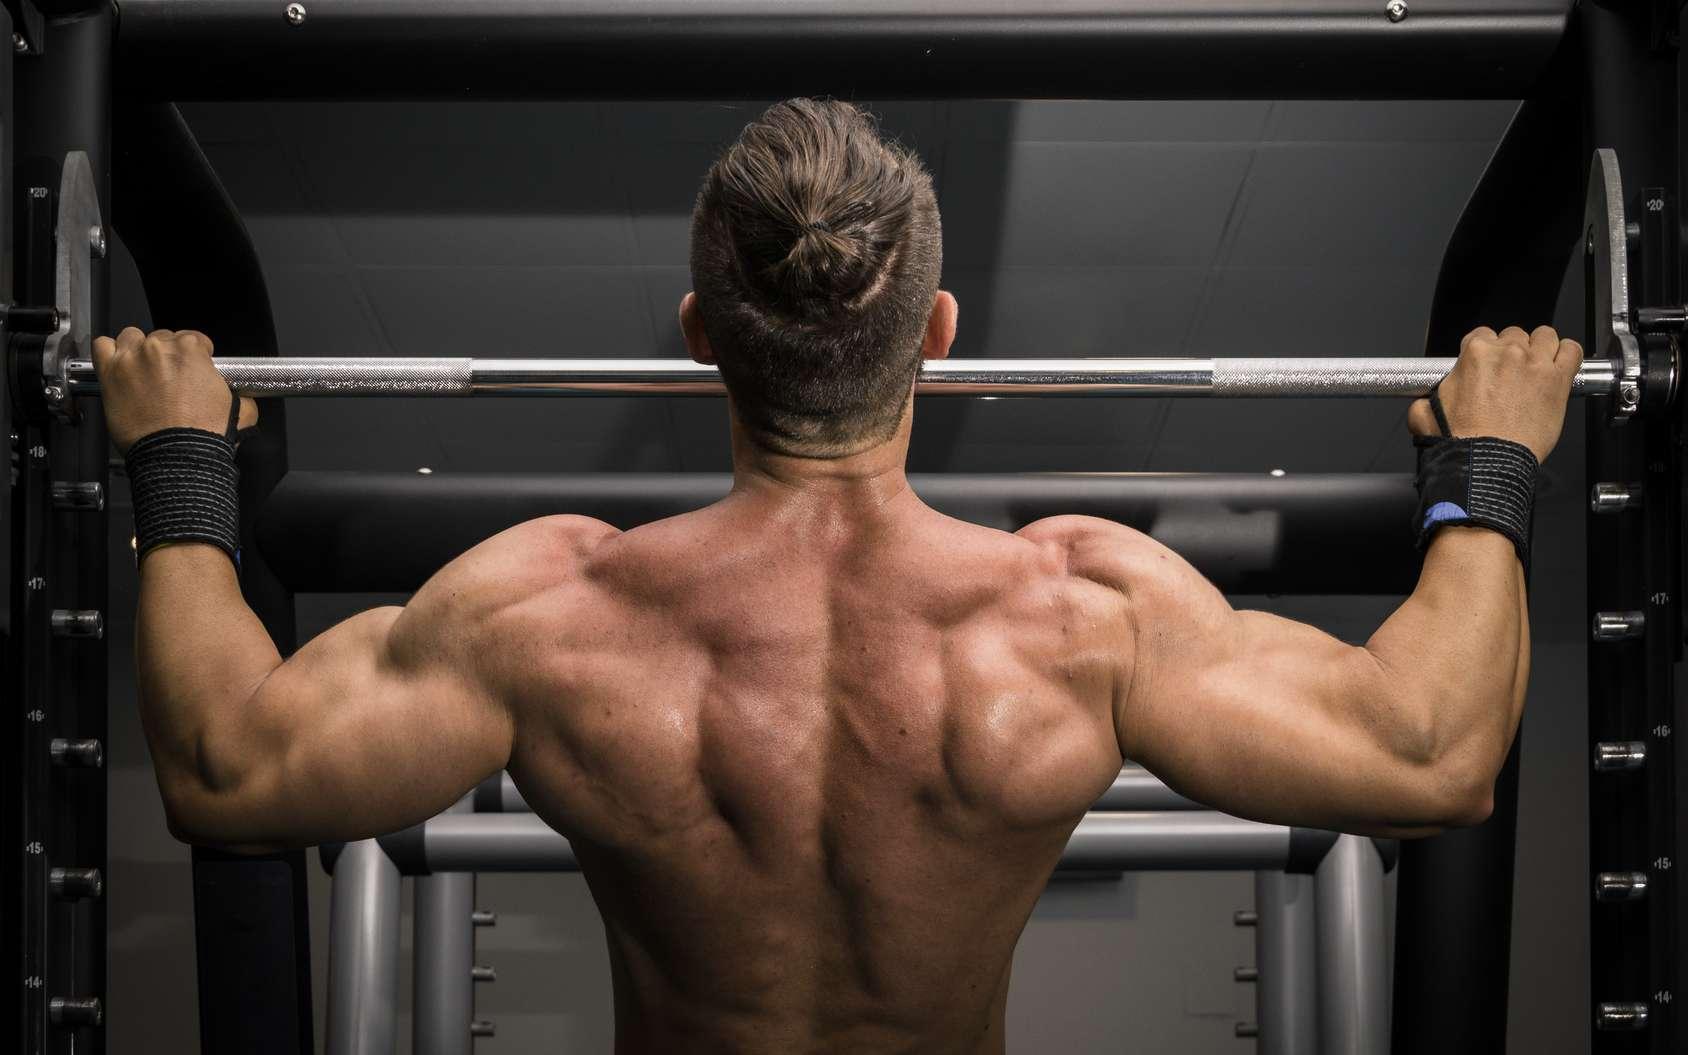 Les efforts de courte durée et de haute intensité permettent de gagner du muscle. © Trepalio, Fotolia